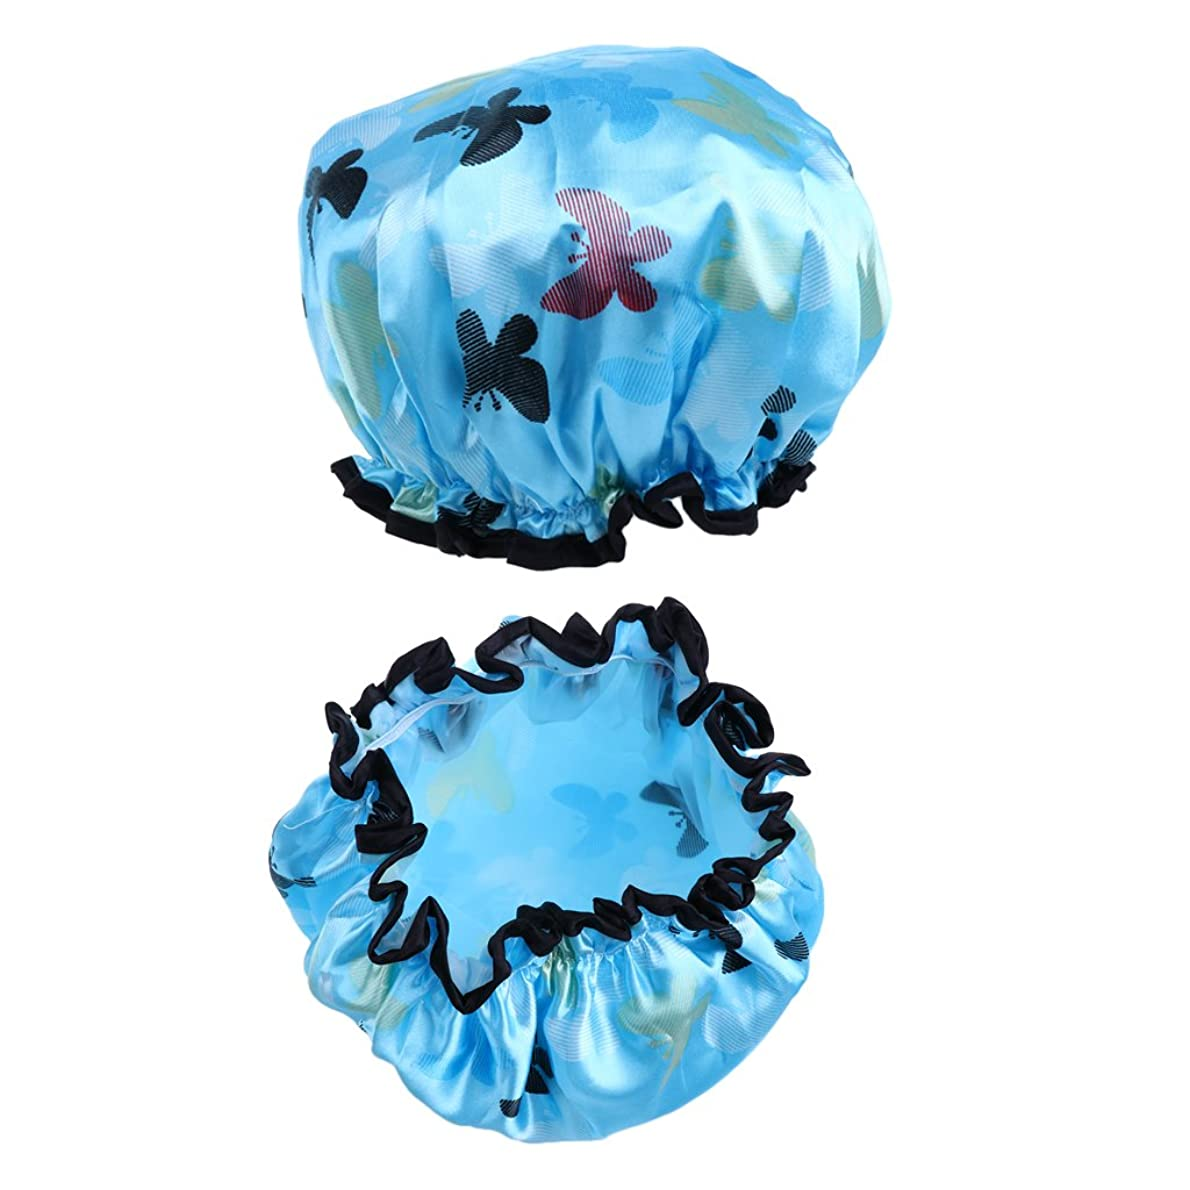 受動的荒らす鳩chiwanji シャワーキャップ 入浴キャップ バスキャップ 帽子 お風呂 シャワー用 防水帽 2個セット 全7色 - ライトブルー